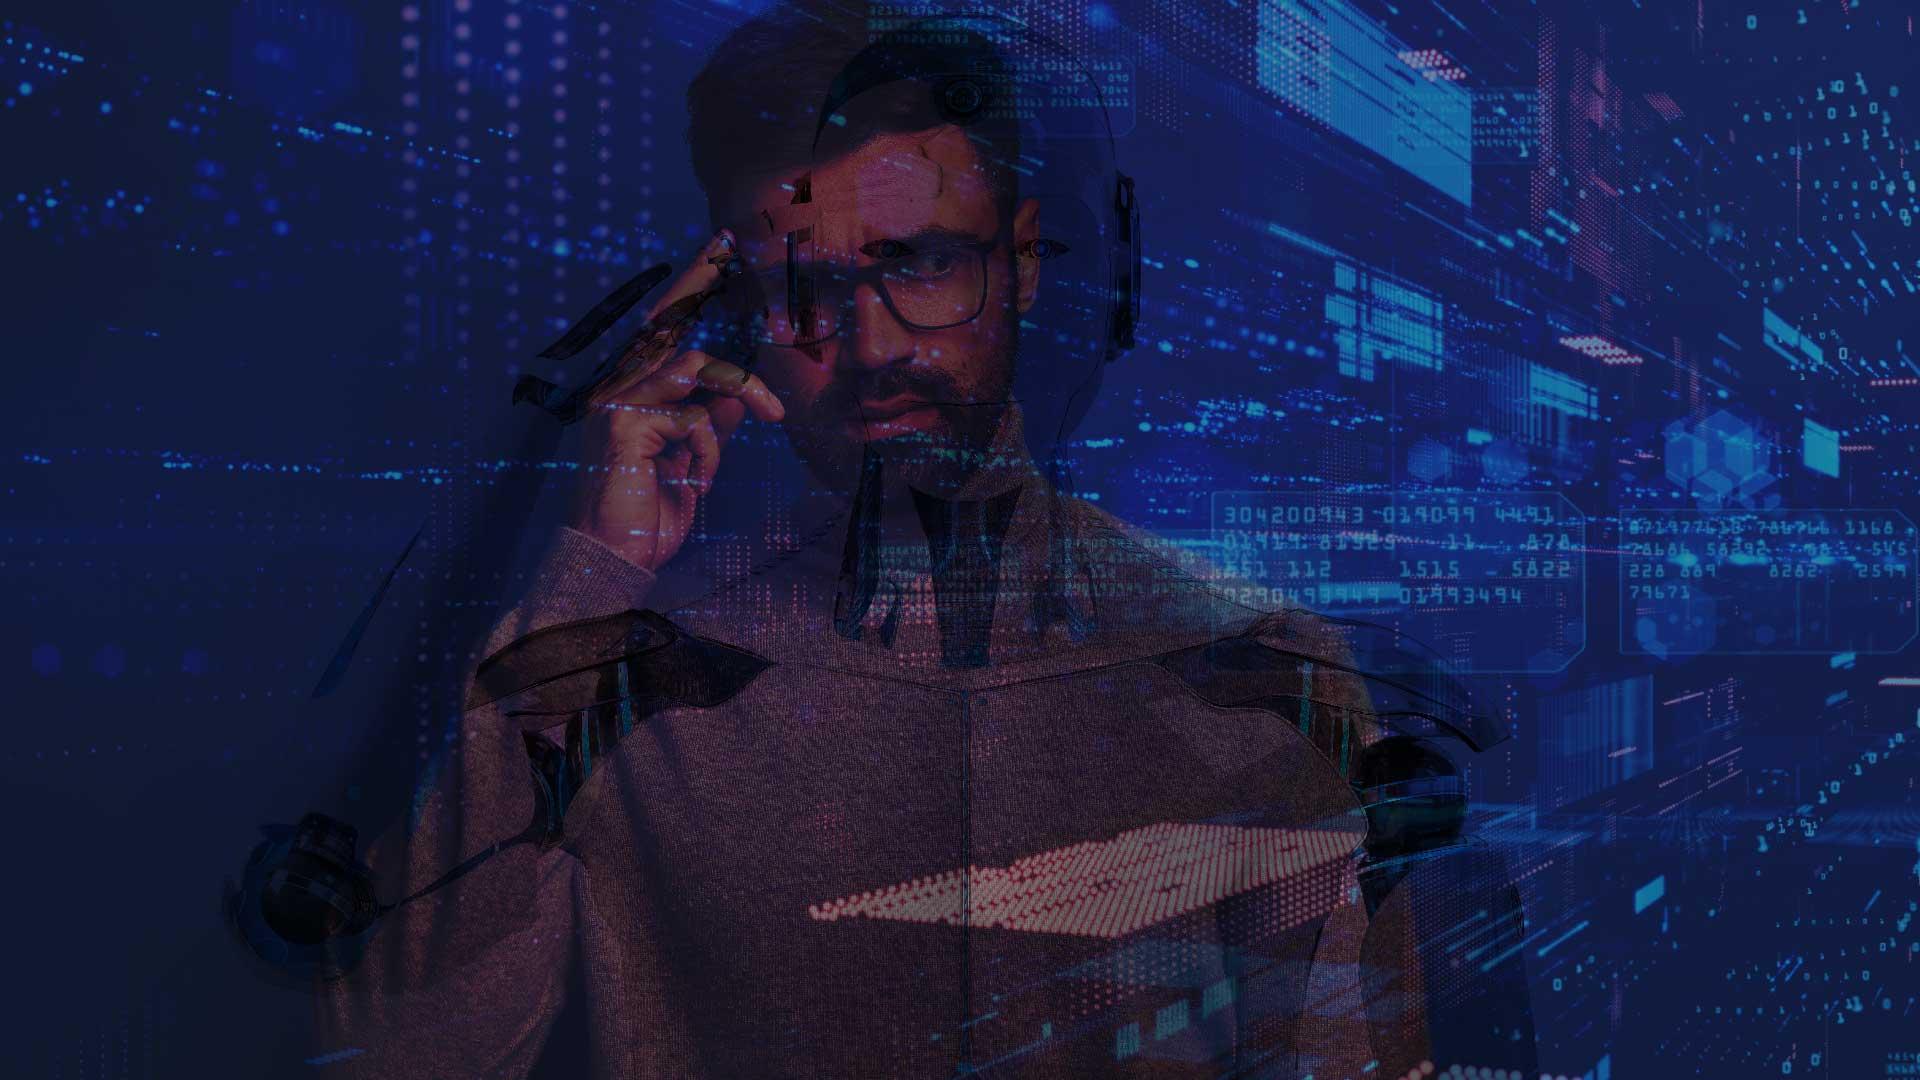 transumanesimo il futuro senza distinzione tra uomo e macchina